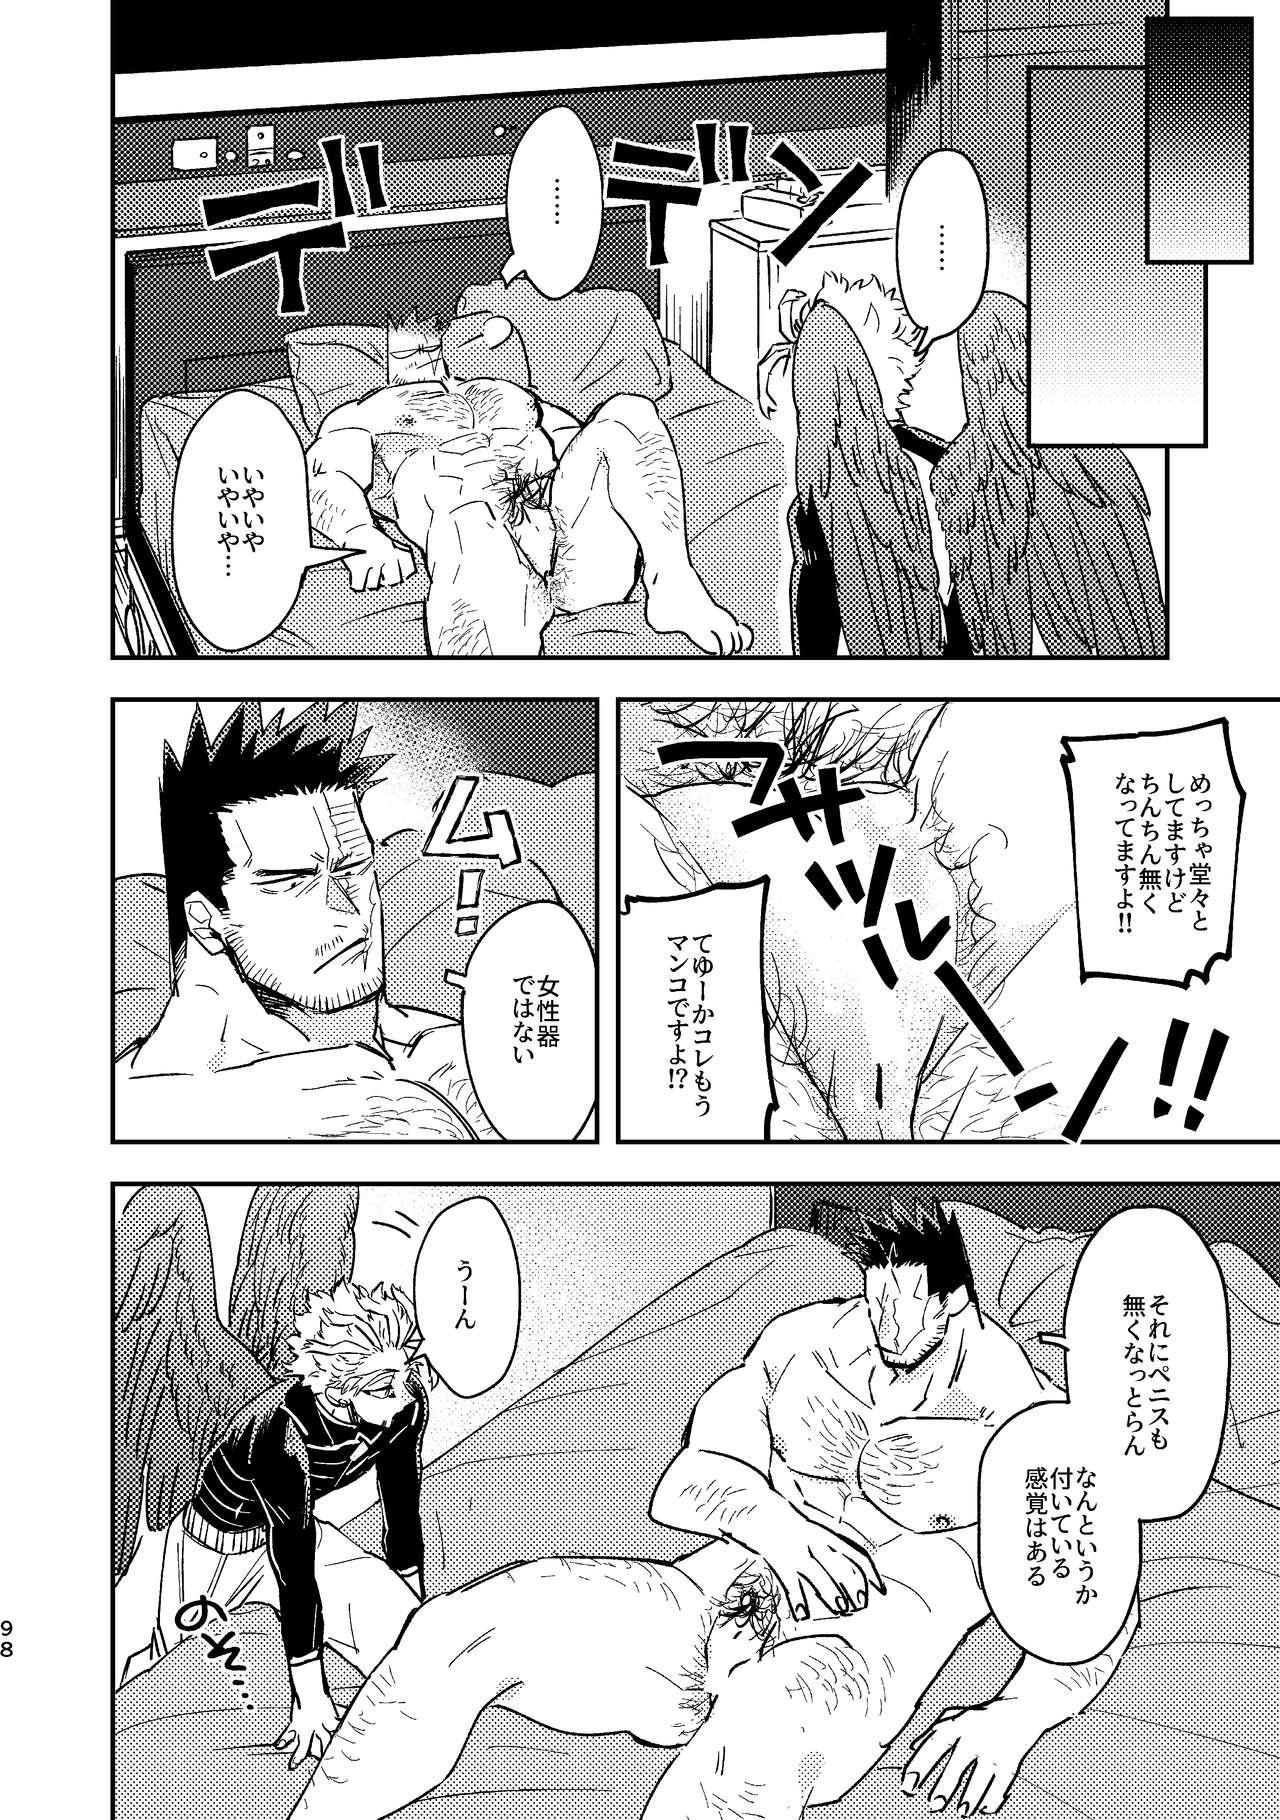 WEB Sairoku Zumi HawEn Manga ga Kami demo Yomeru Hon. 97